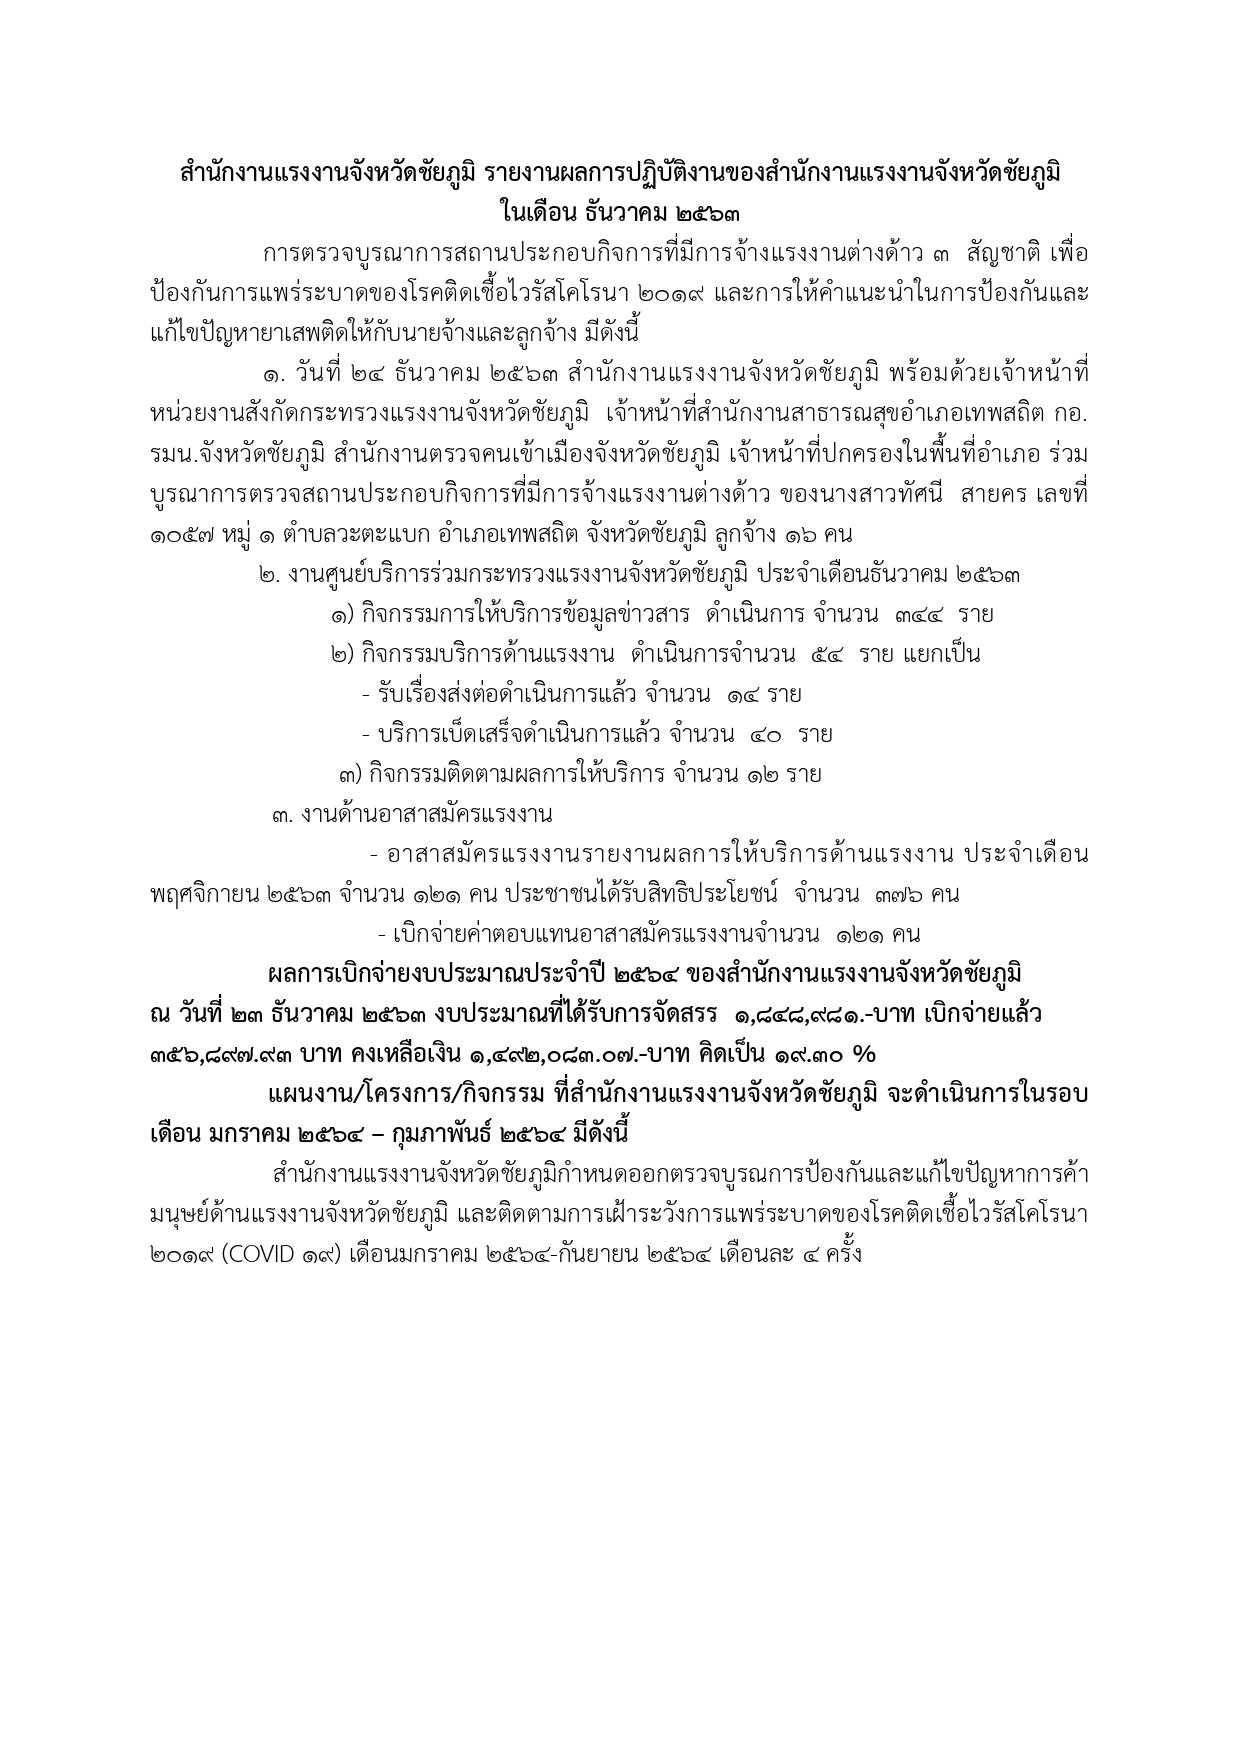 รายงานผลการปฏิบัติงานของสำนักงานแรงงานจังหวัดชัยภูมิ ในเดือน ธันวาคม 2563